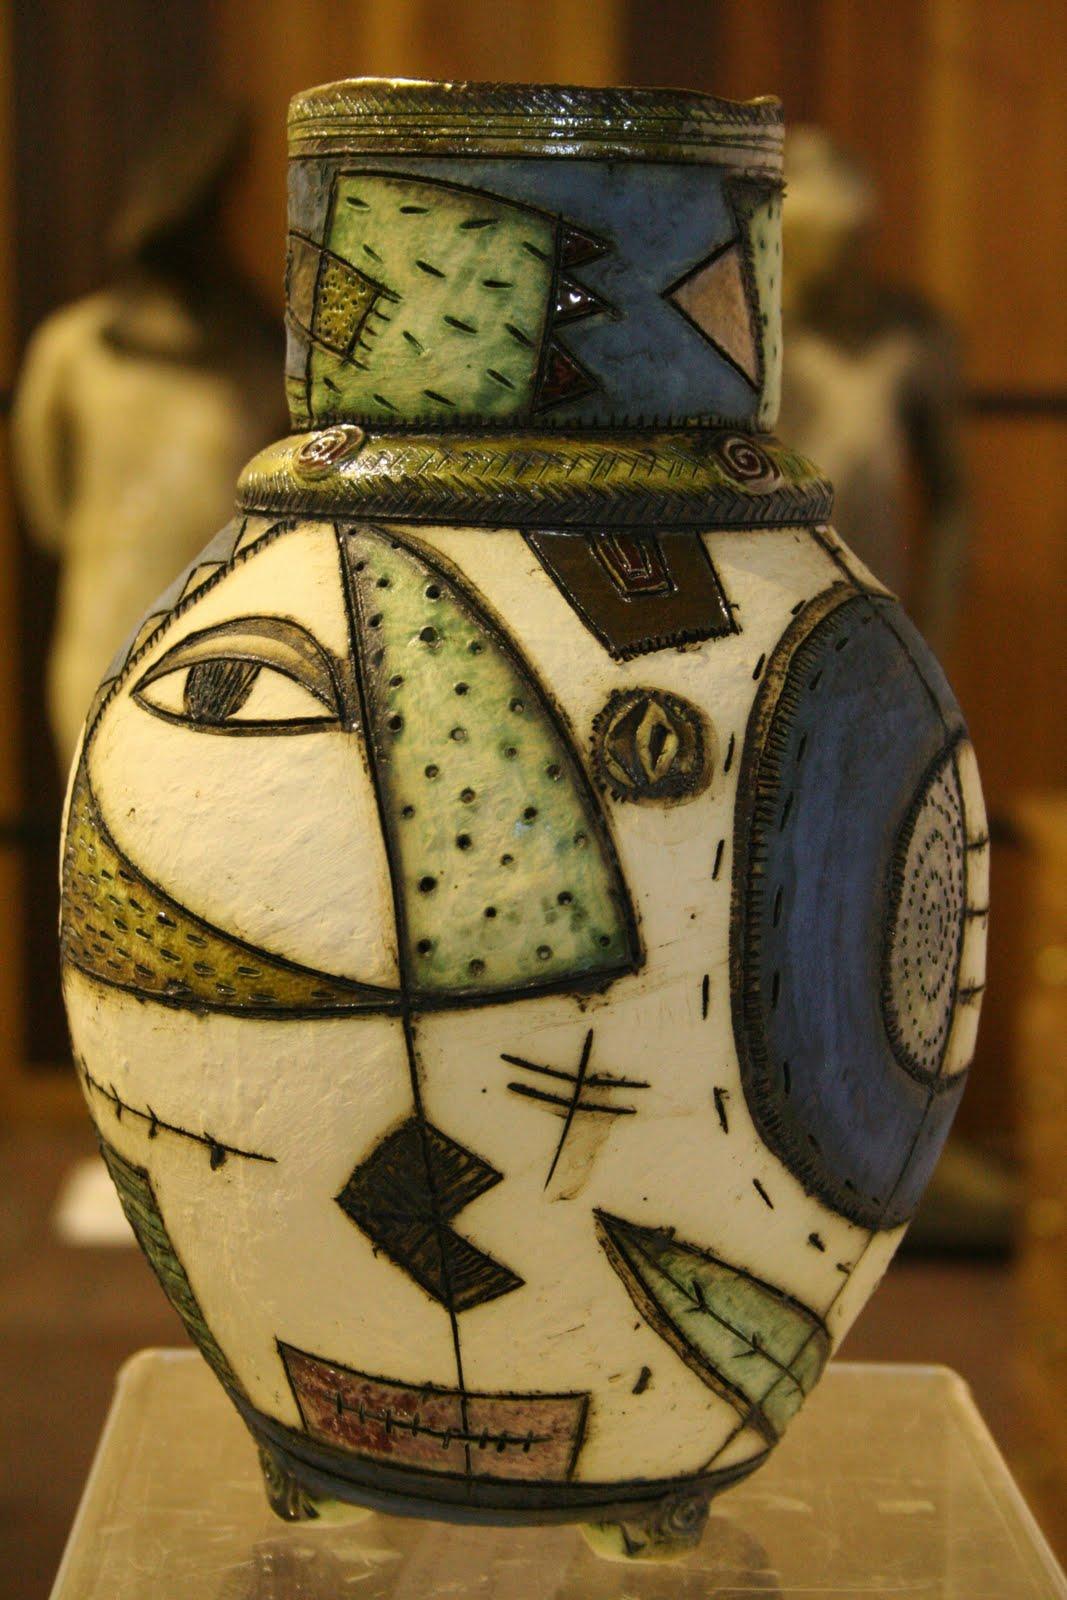 Clementina Ceramics More Ceramics At The National Exhibition